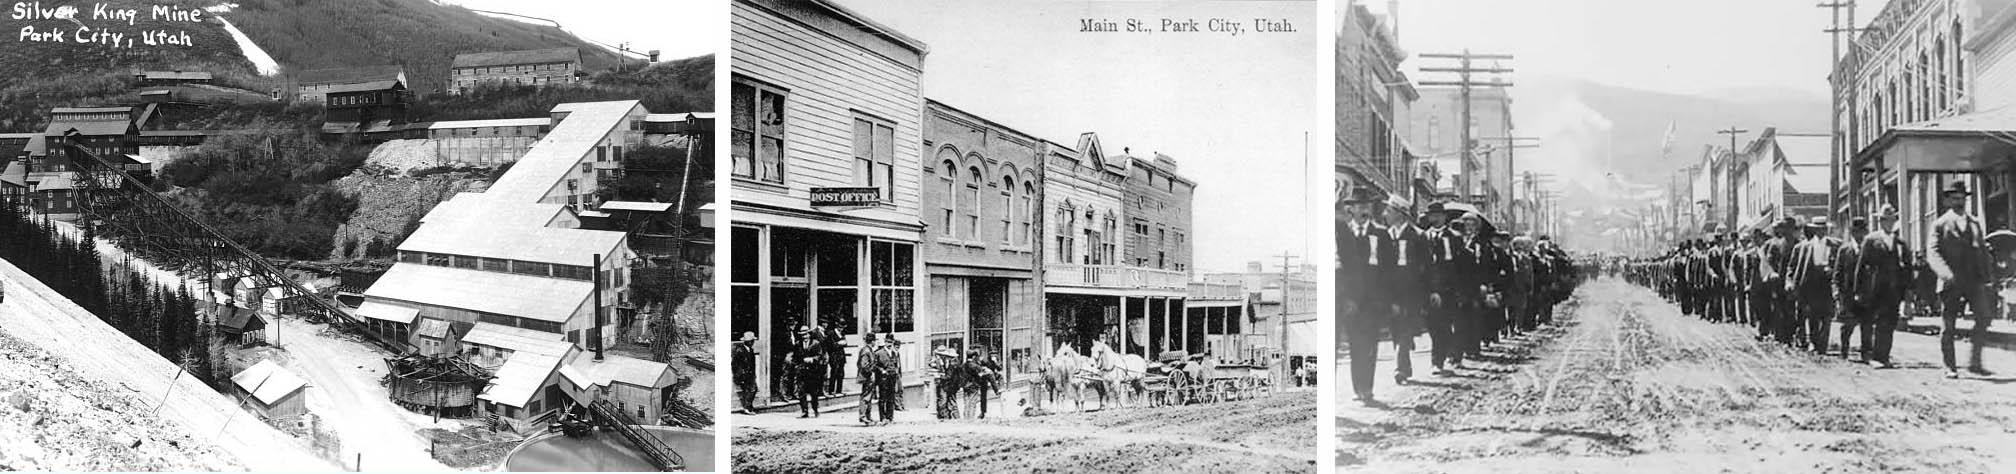 fotos históricas de park city em 1860